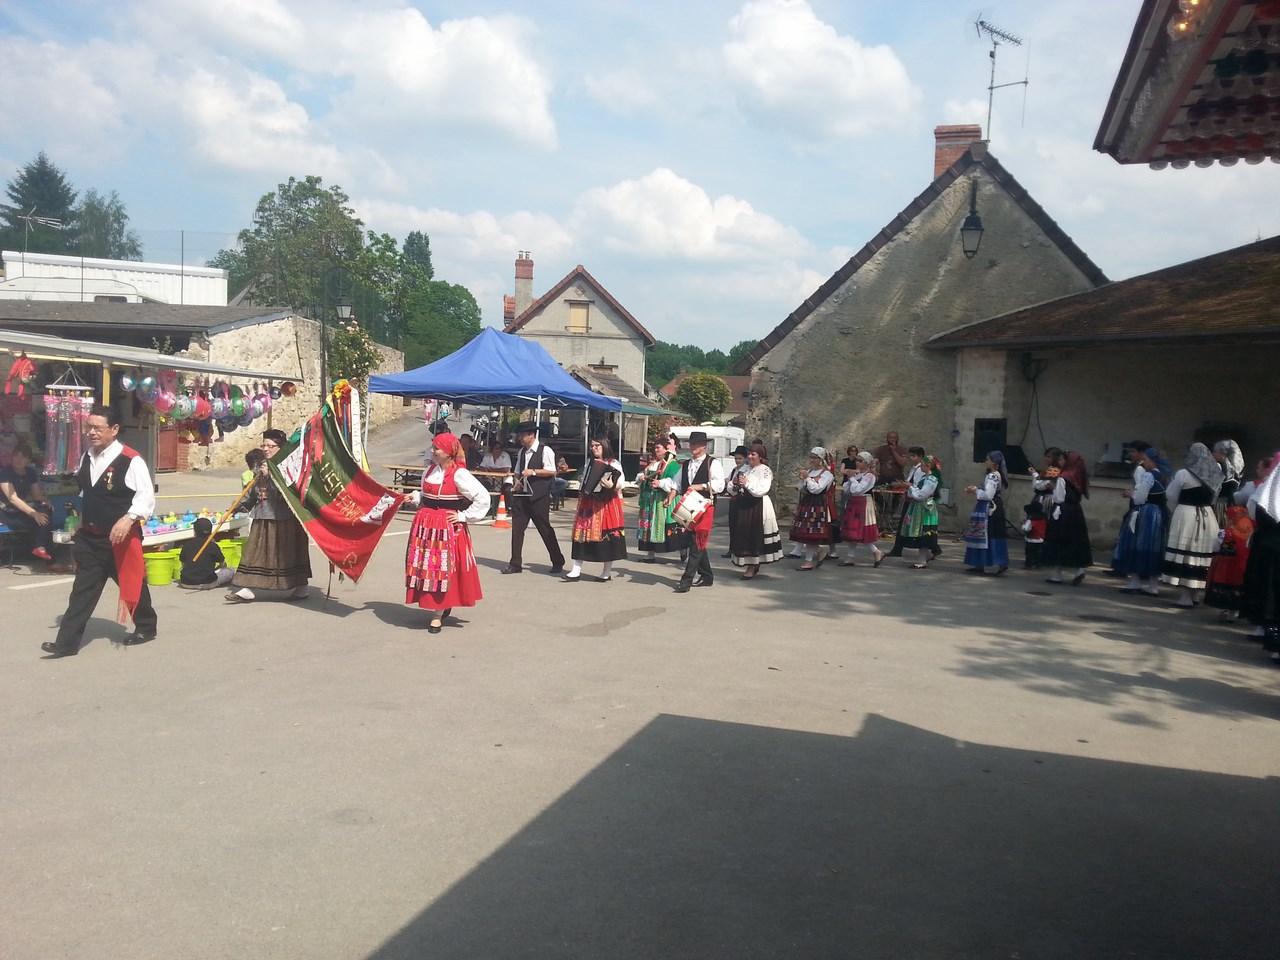 Danse sur la place du village